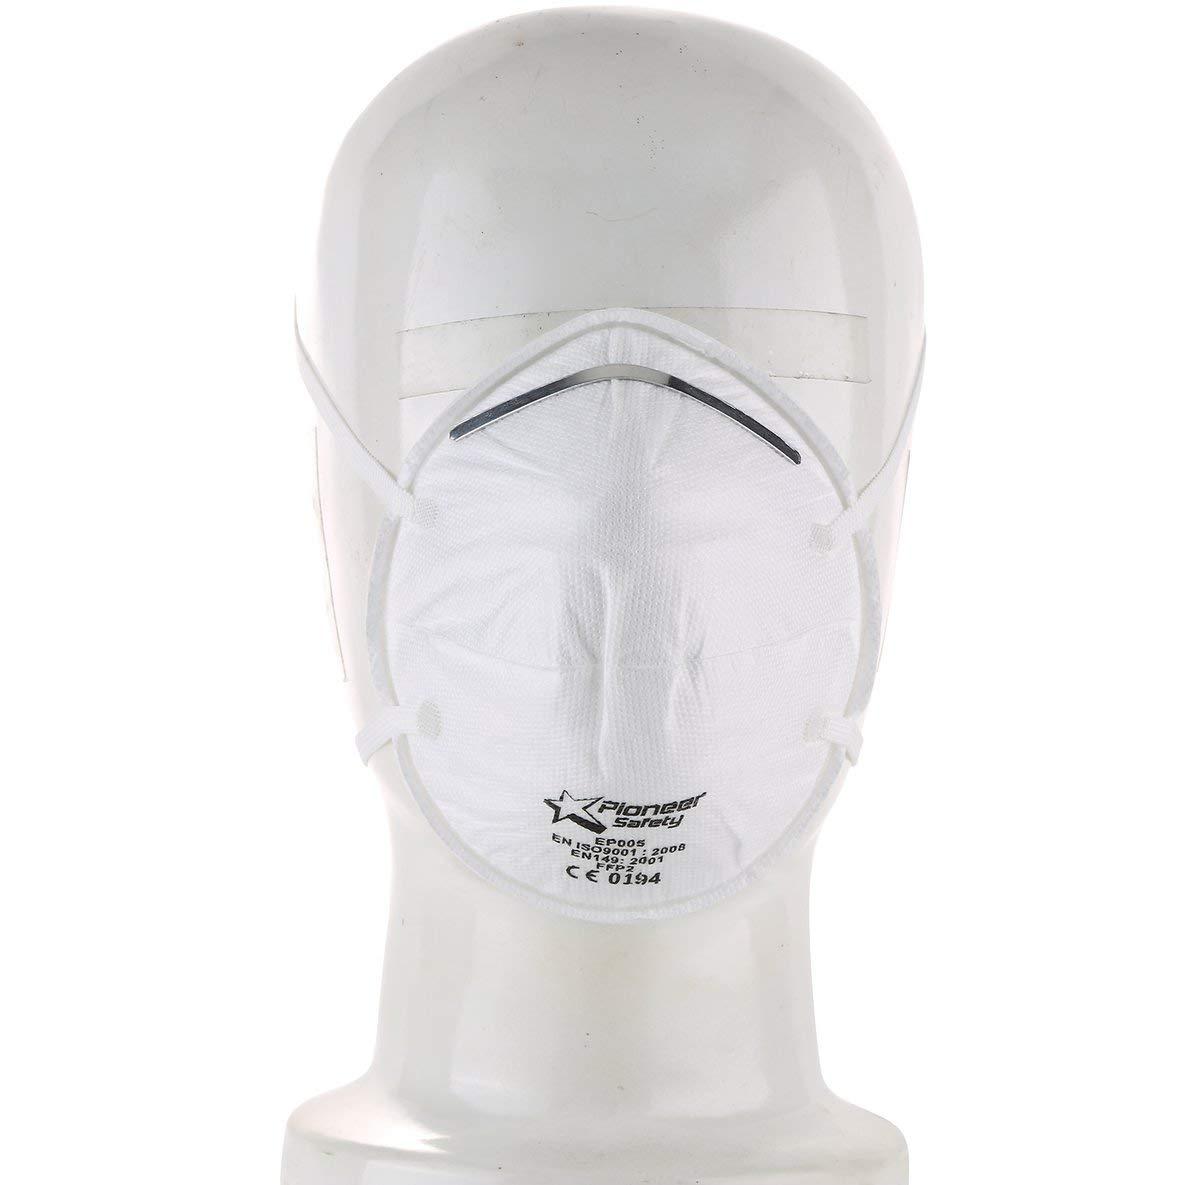 Máscara N95, Máscara ffp2, Máscara para Exteriores, Máscara anticontaminación Anti Pm2.5, Prevención con Capas de válvula FFP2 Filtro de Smog, Polvo, frío